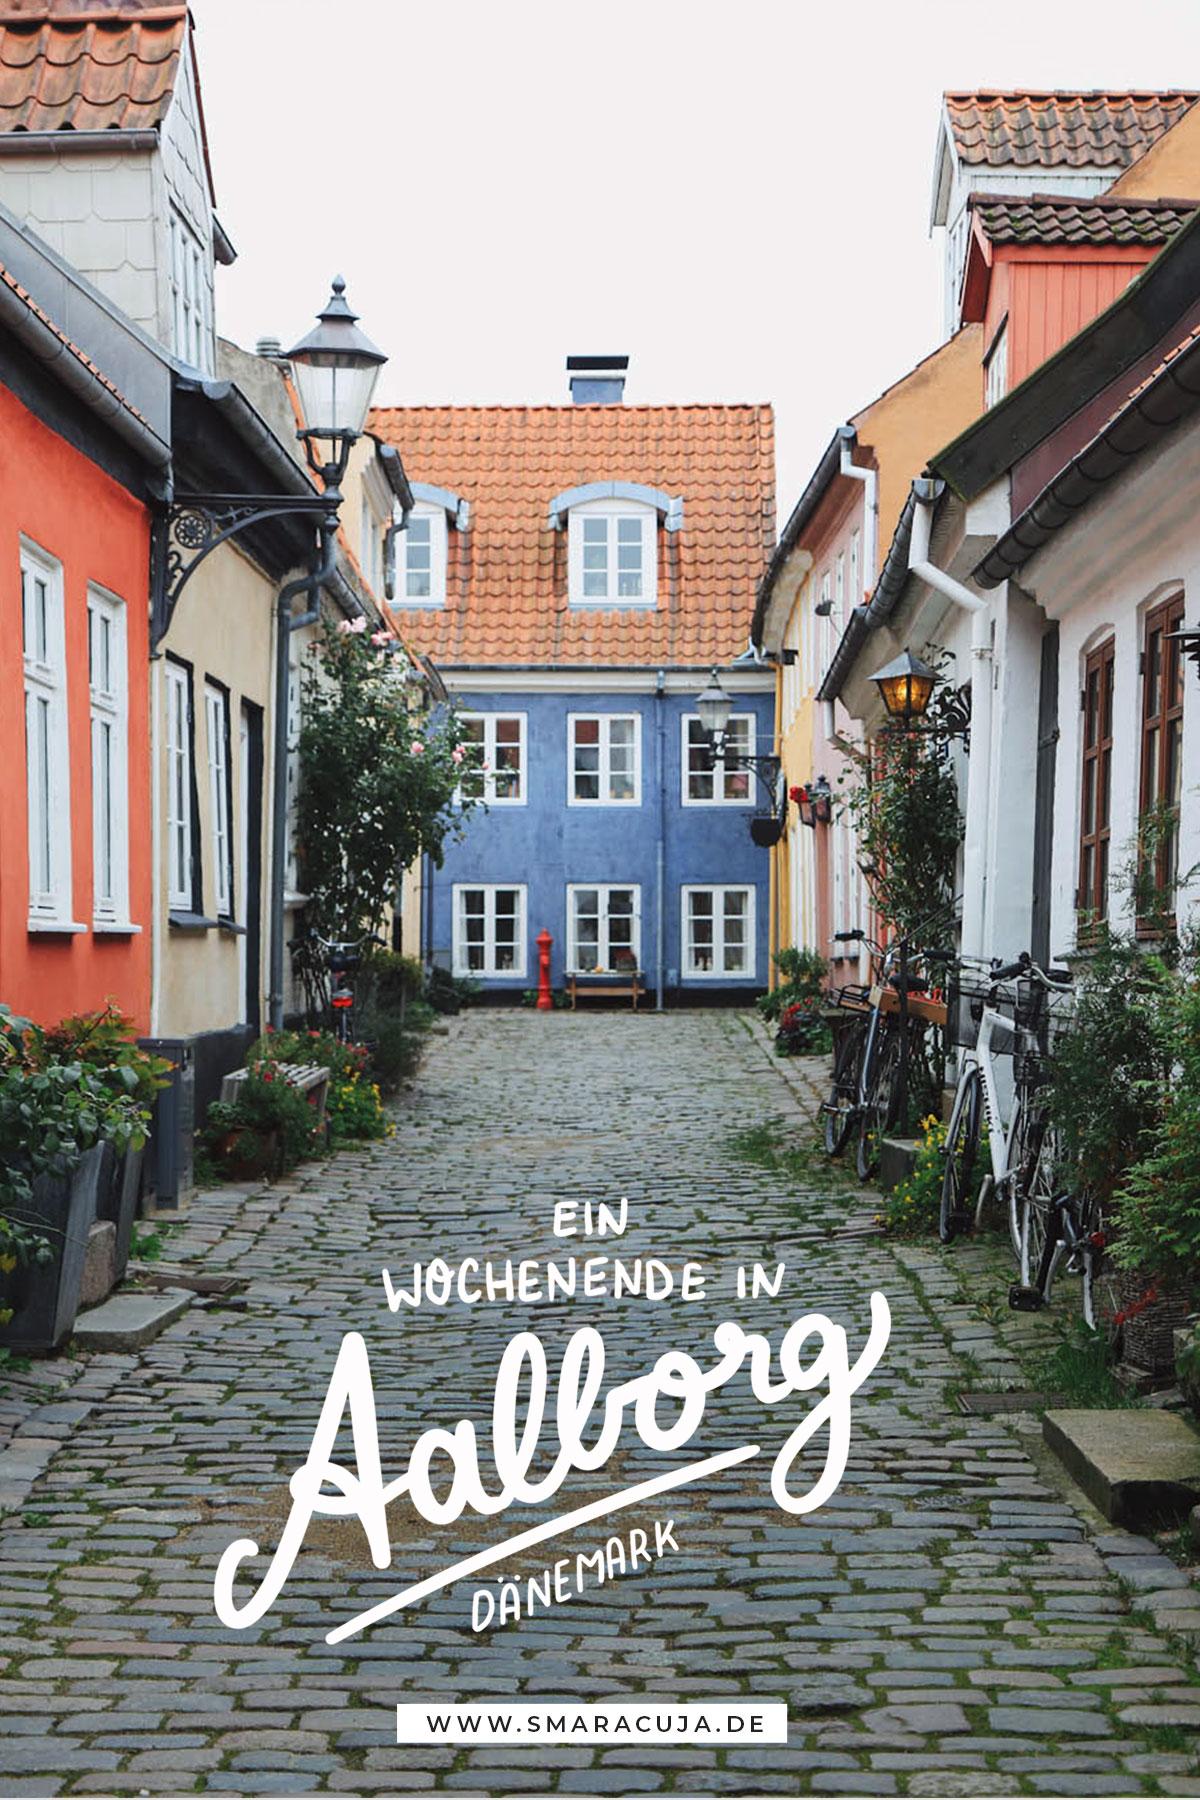 Aalborg Städtereise Dänemark Nordjylland